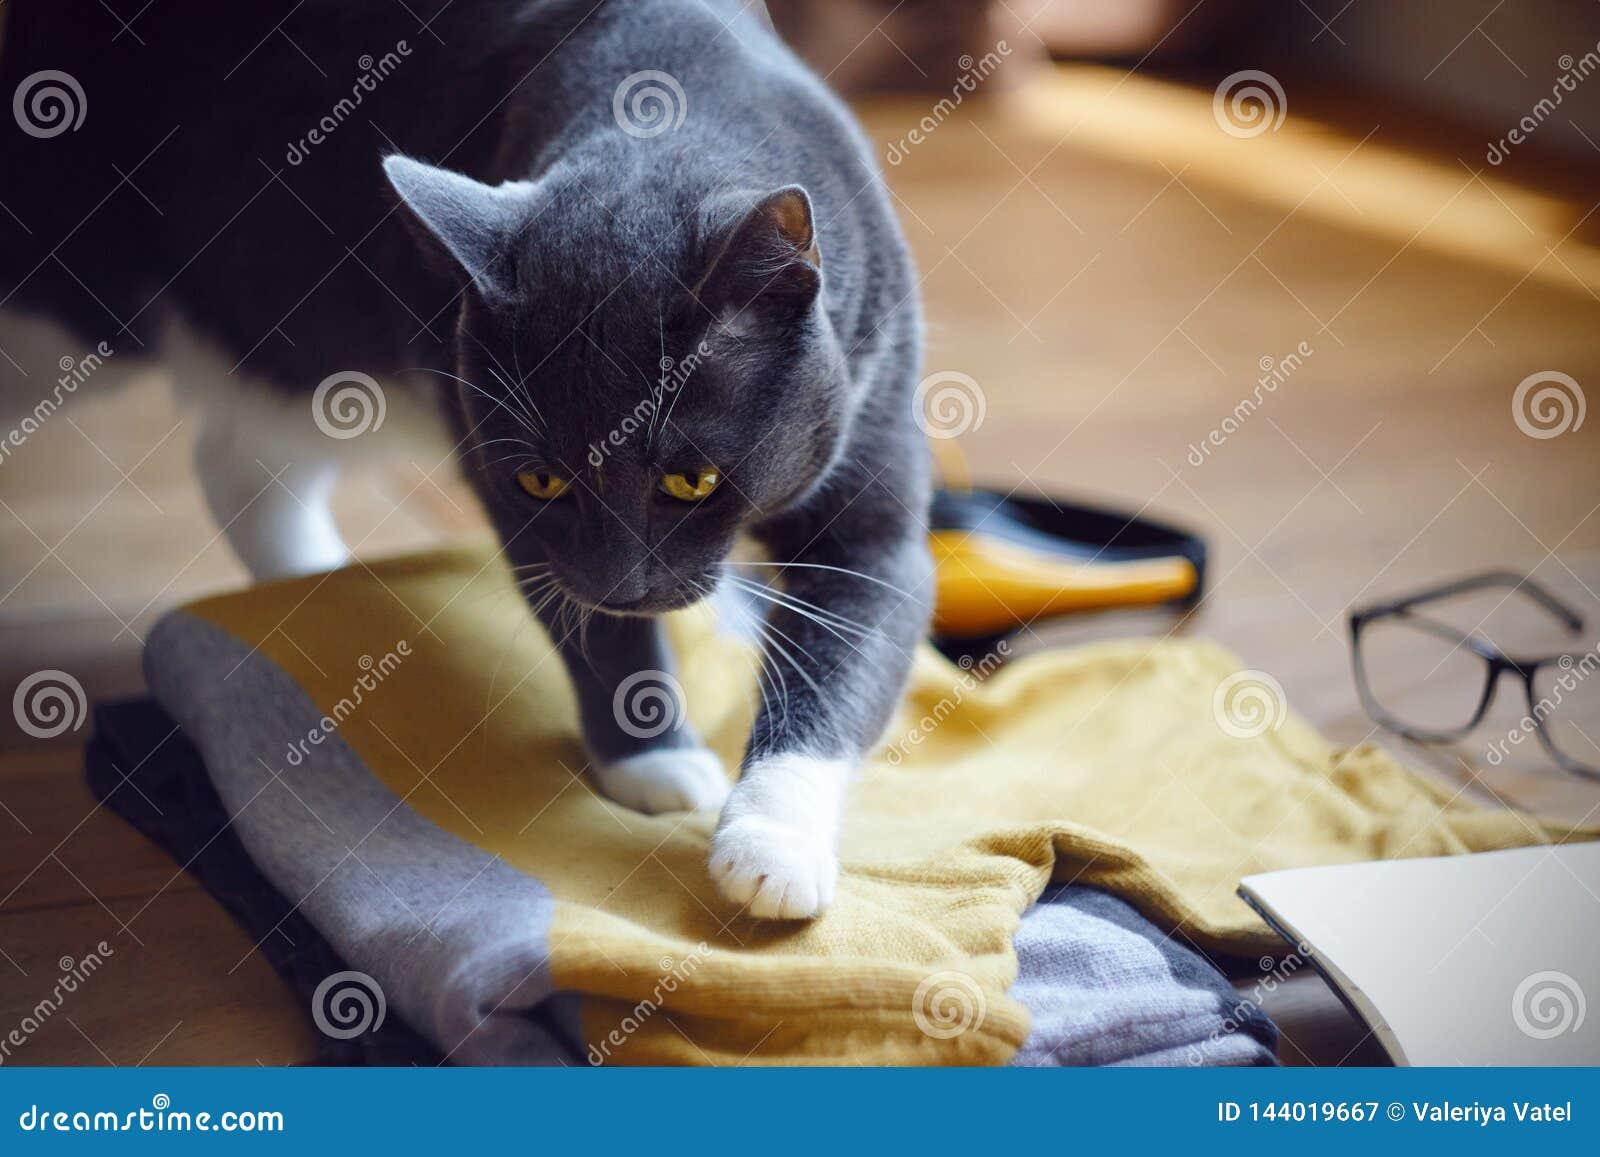 De kat met gele die ogen regelt comfortabel onder de dingen op de reis worden voorbereid